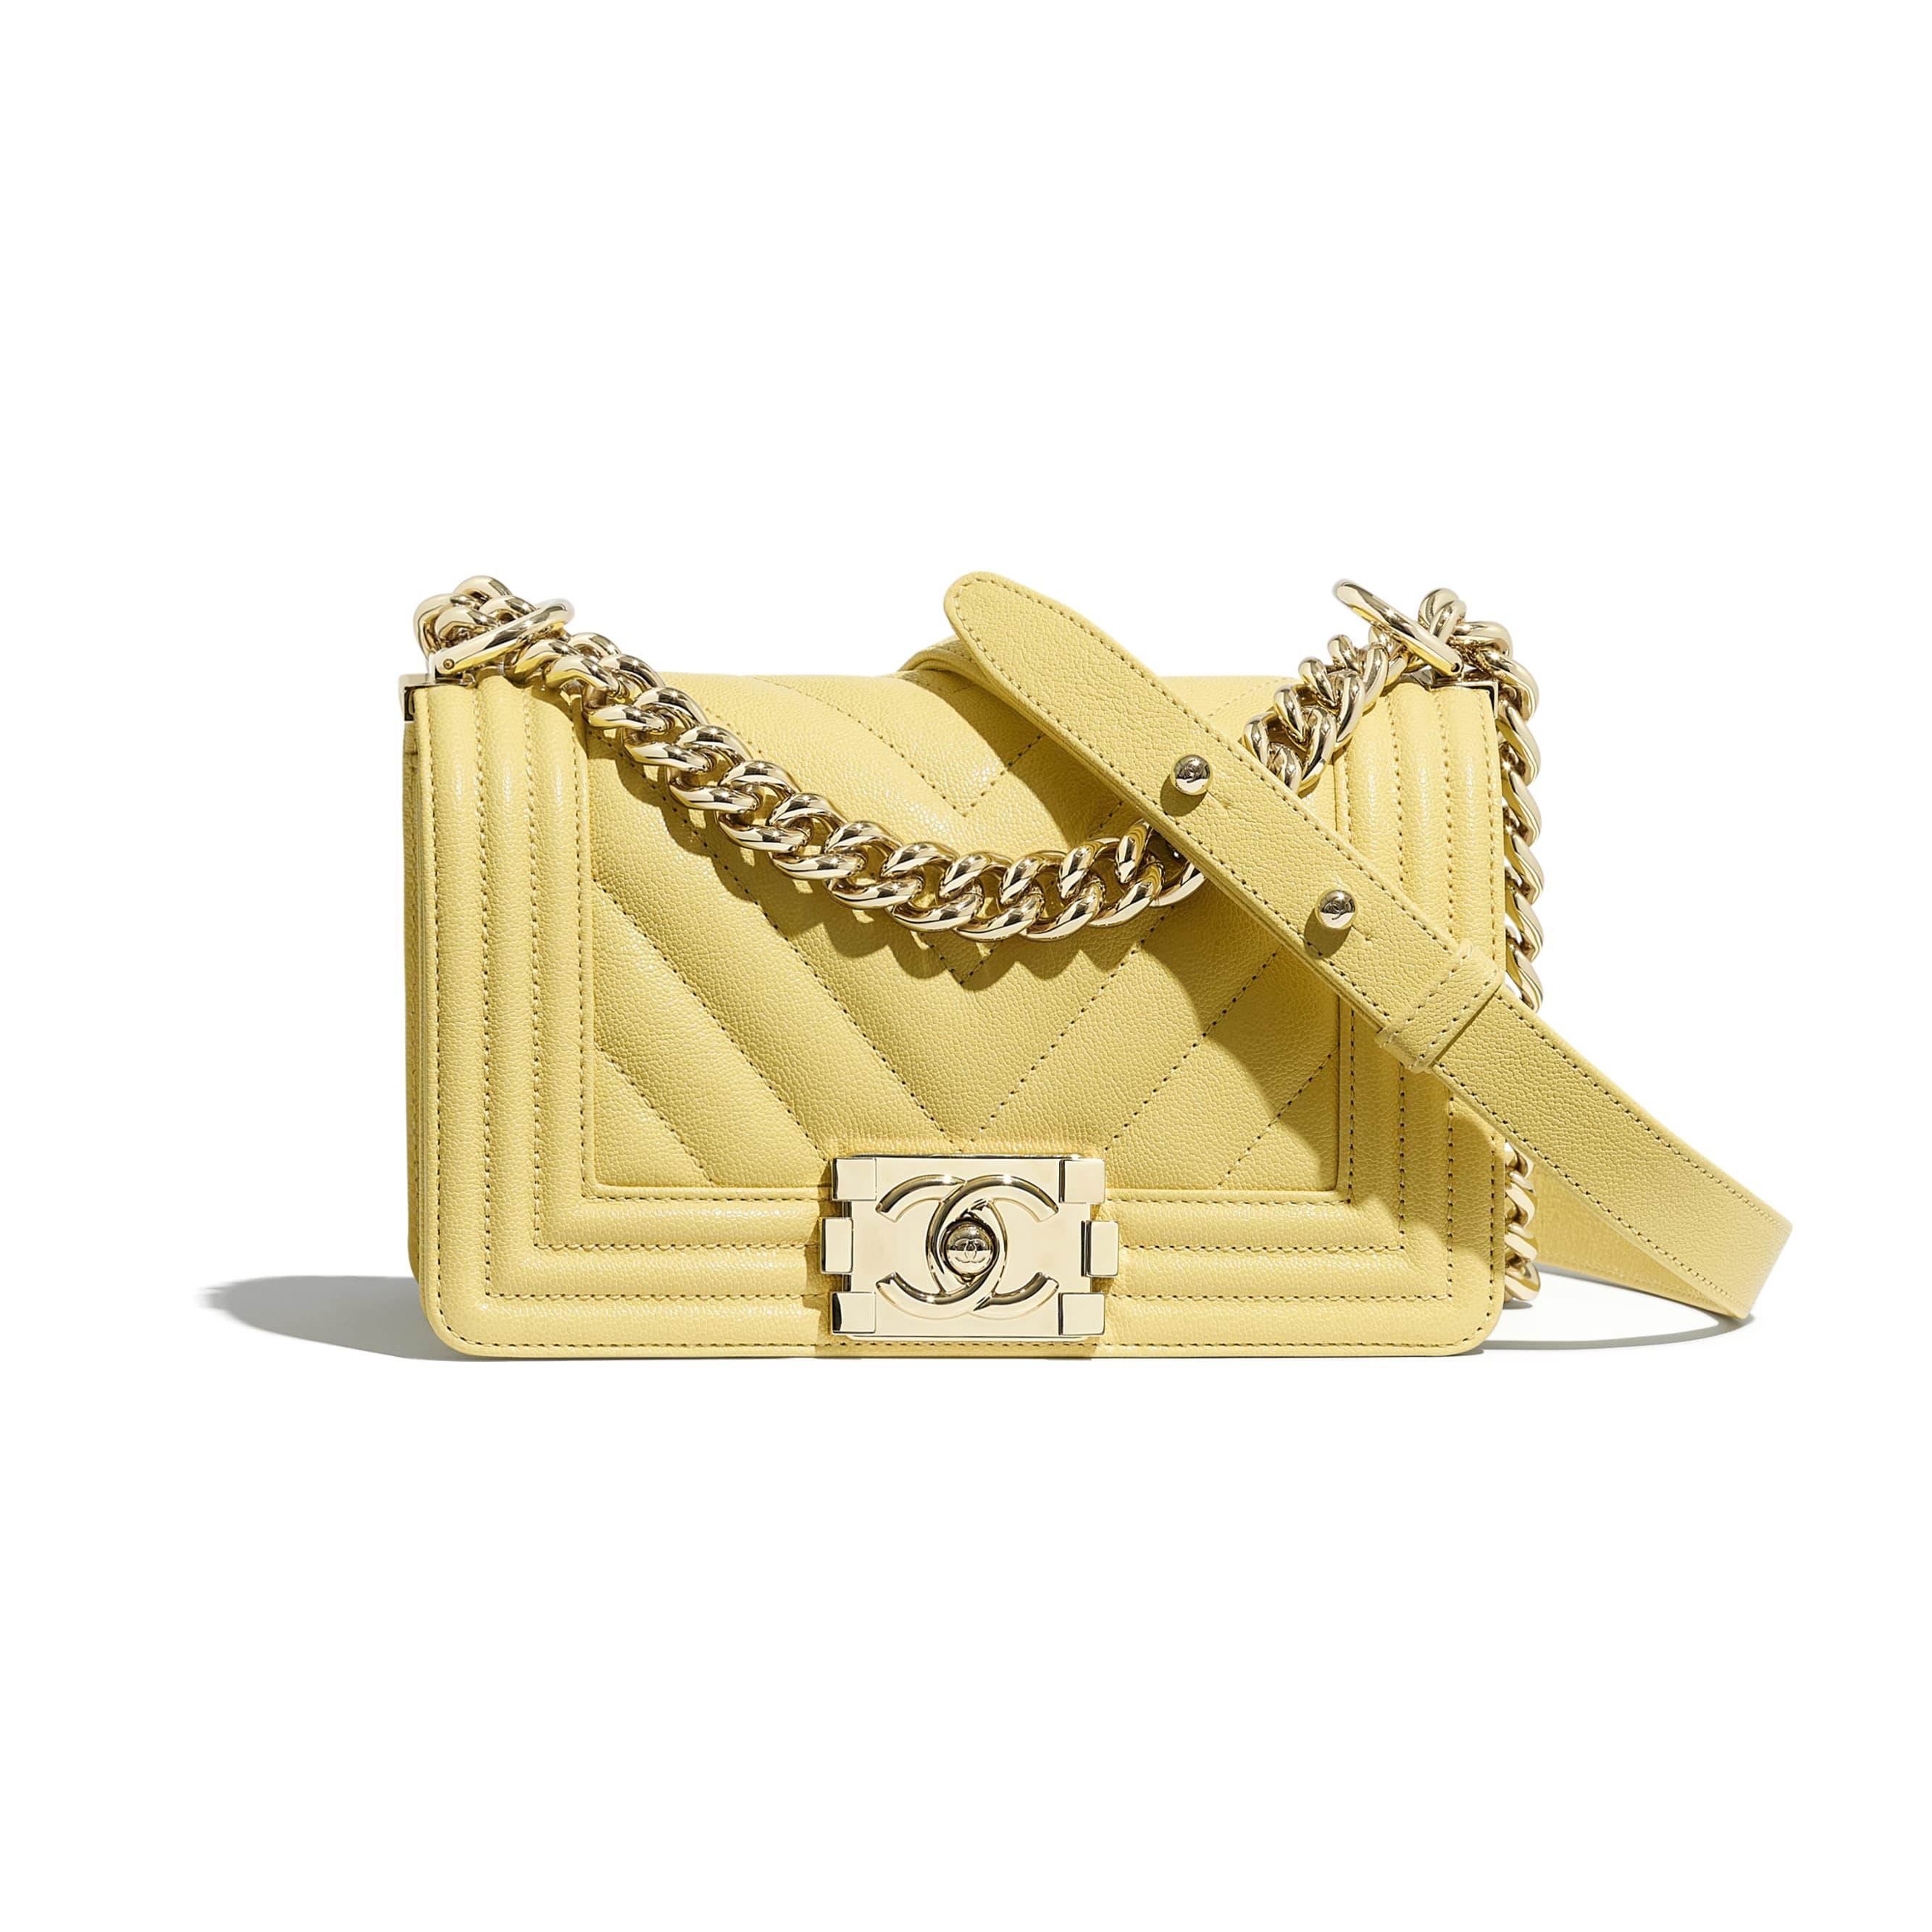 Kleine Tasche BOY CHANEL - Gelb - Genarbtes Kalbsleder & goldfarbenes Metall - CHANEL - Standardansicht - Standardgröße anzeigen